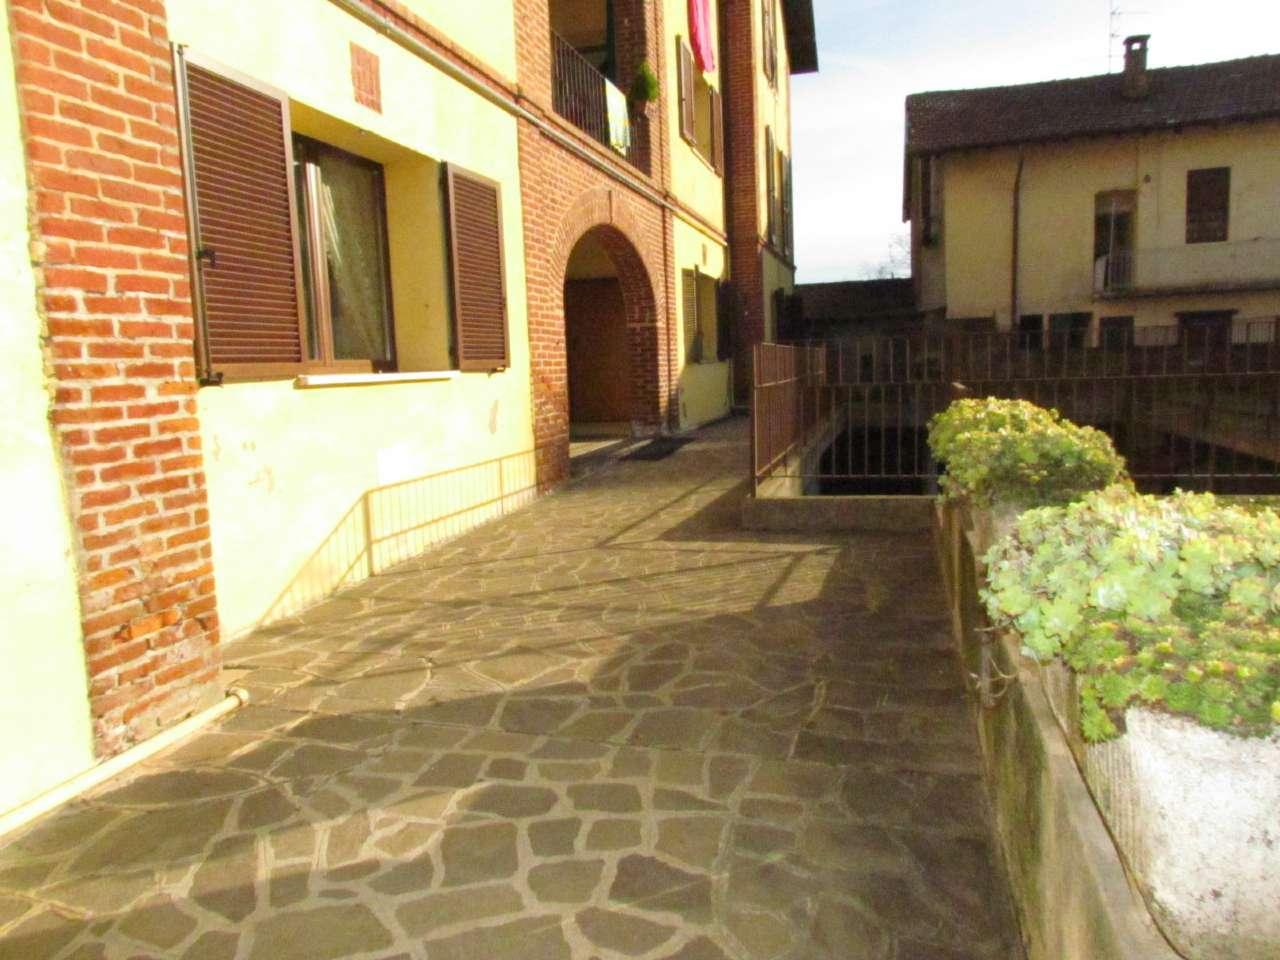 Appartamento in vendita a Gornate-Olona, 3 locali, prezzo € 75.000 | CambioCasa.it